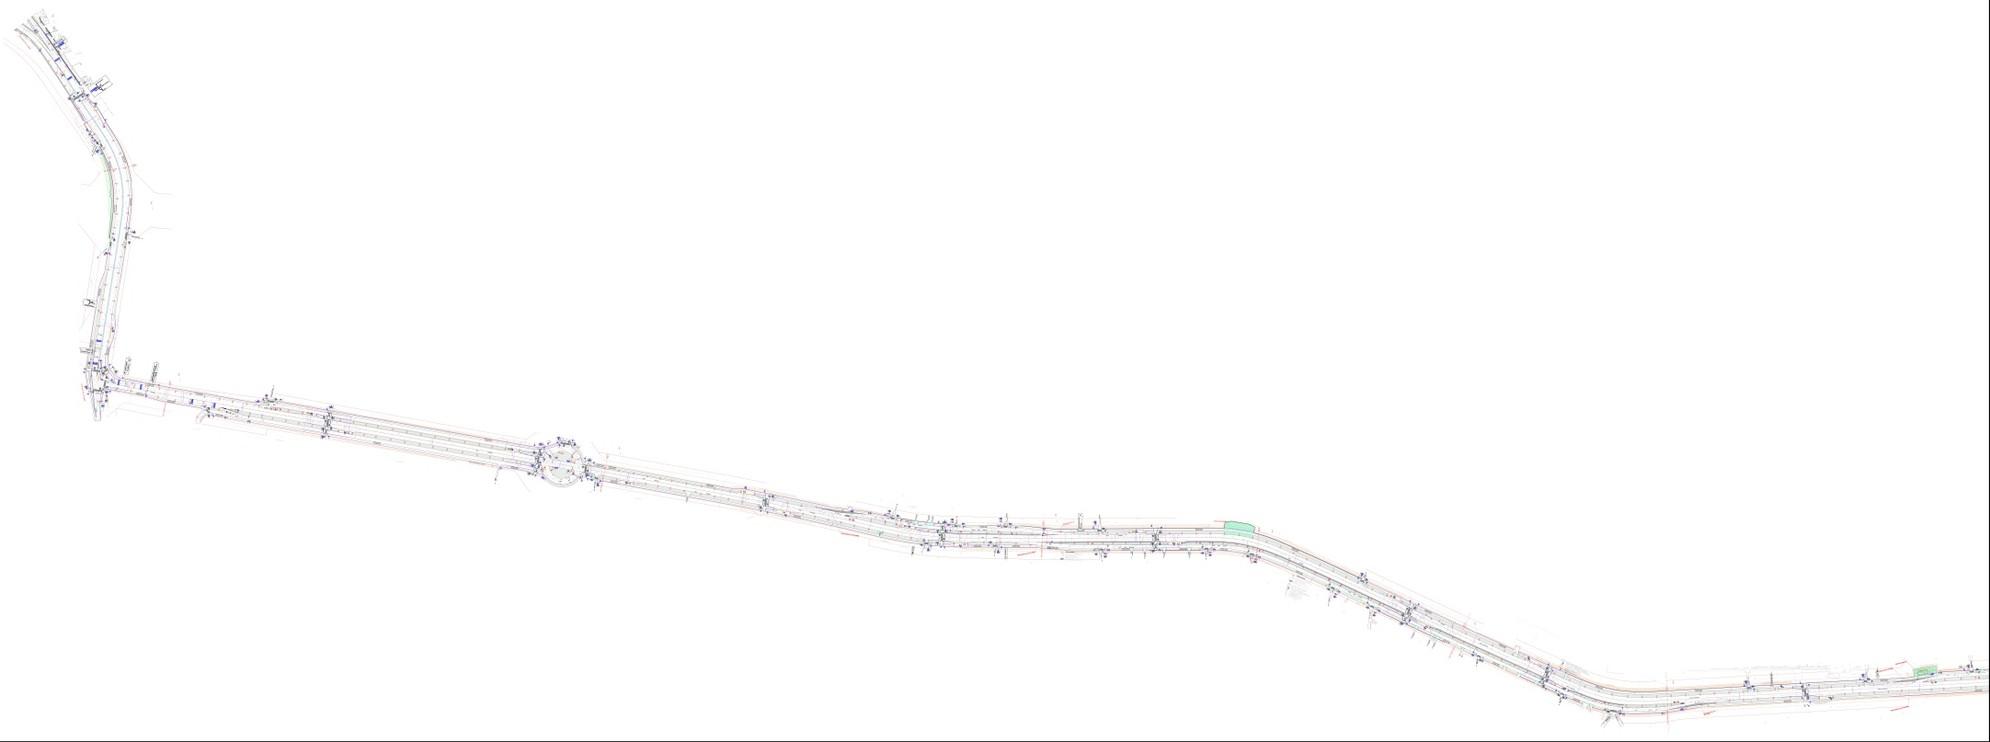 Реконструкция автодороги Боровское шоссе - Киевское шоссе - д. Ботаково (участок от Киевского шоссе до д. Ботаково часть 1)